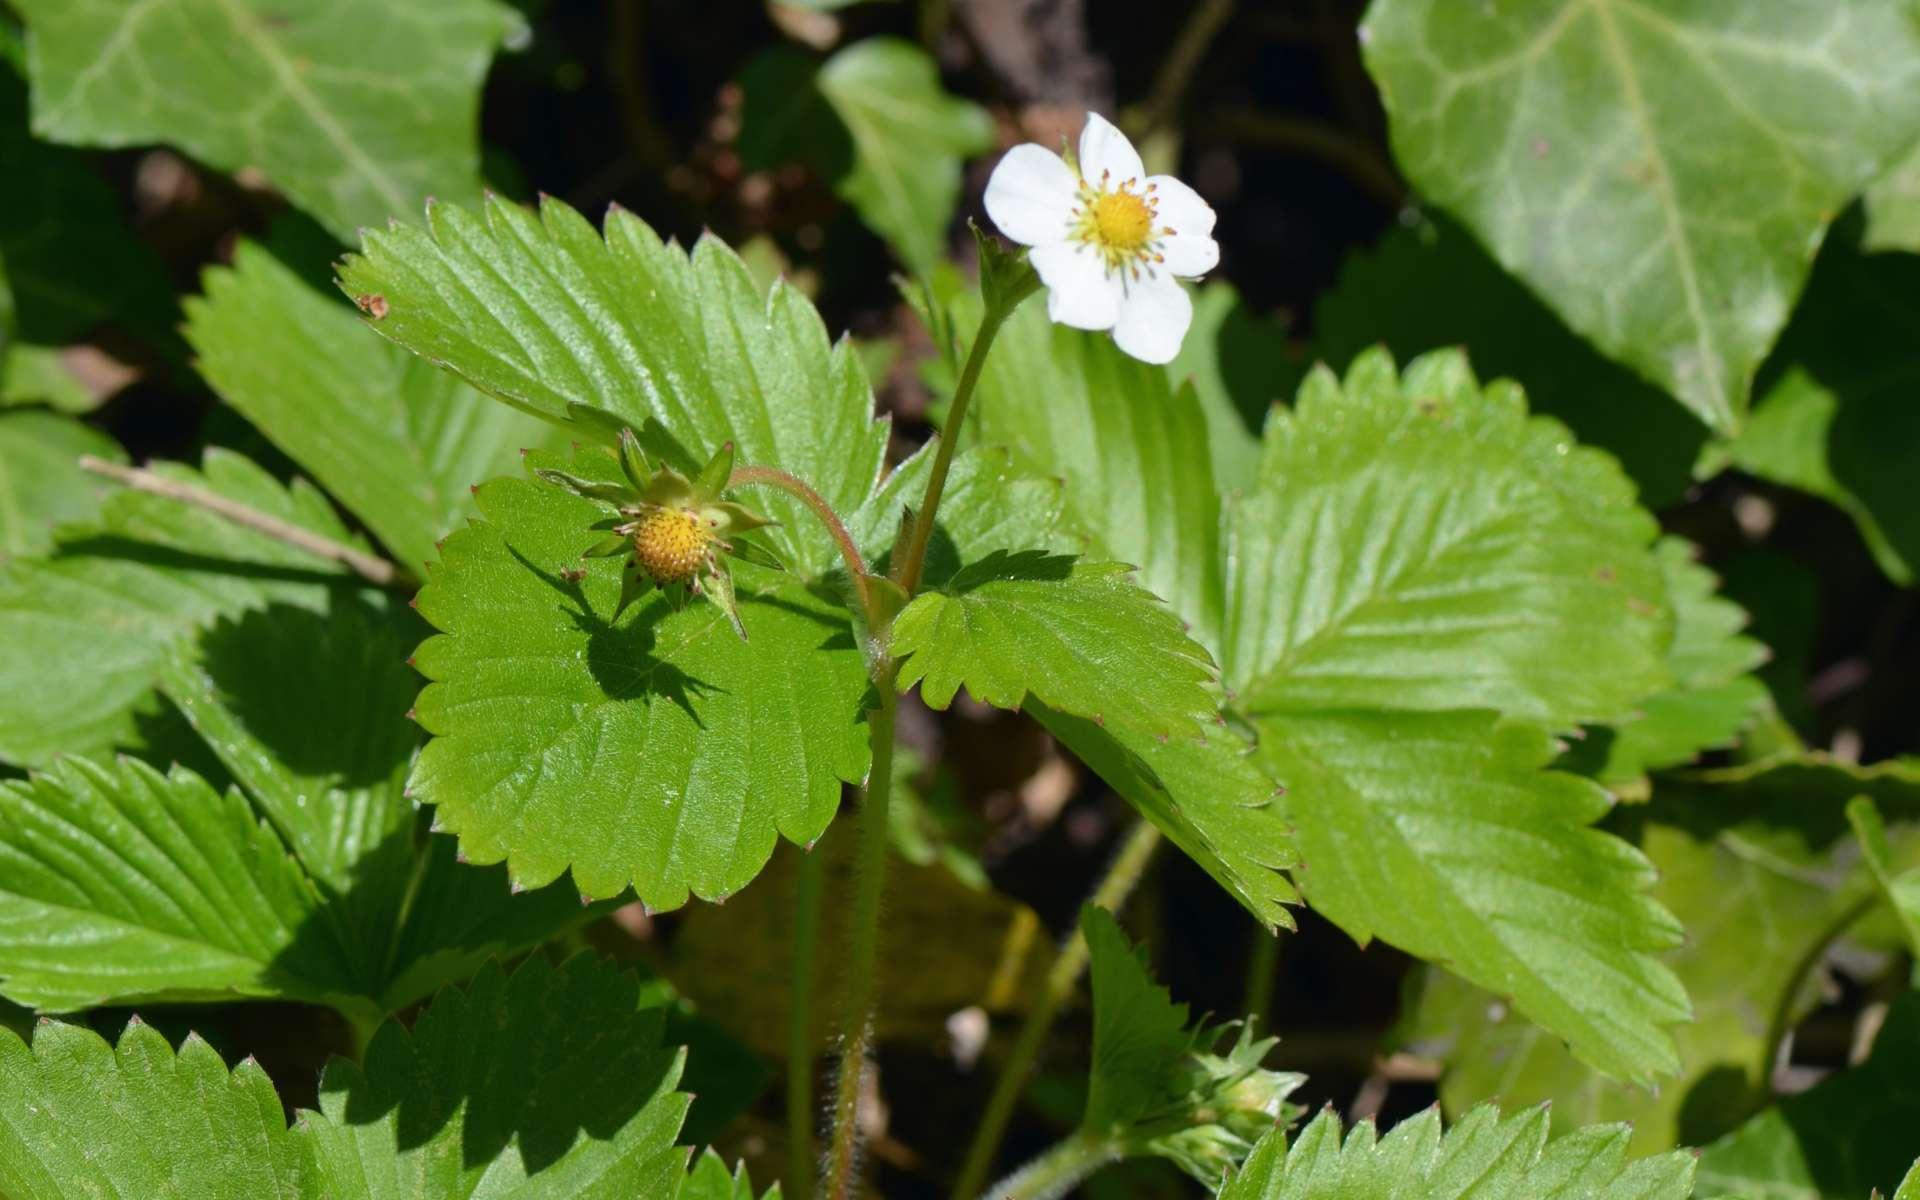 Fraisier sauvage - fleur et feuilles (Crédits : Benoît Toussaint)